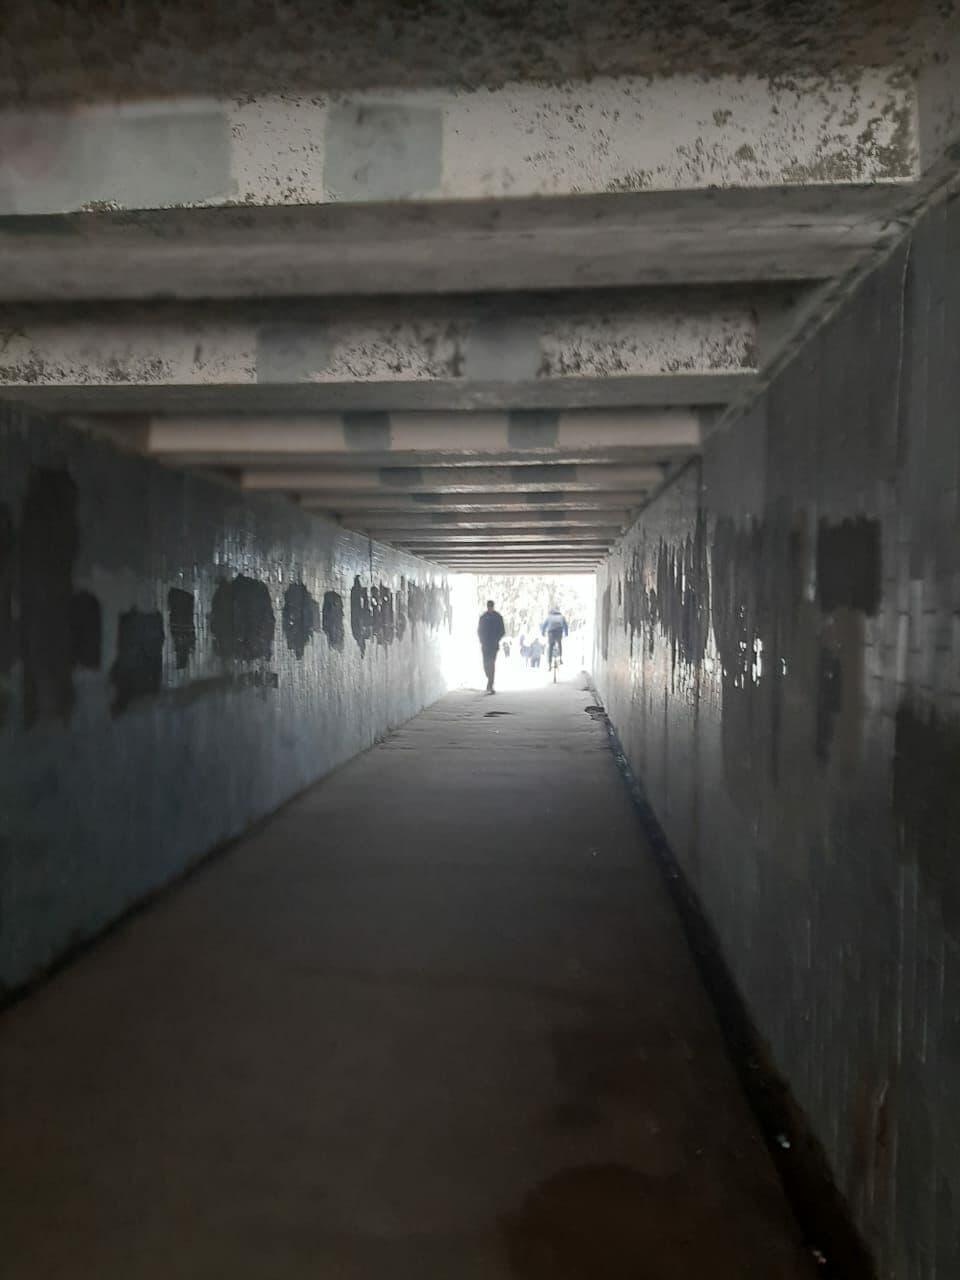 Une photo du tunnel avant sa rénovation, gris, sombre et les murs en mauvais état, a été publiée sur le site du collectif My tut.